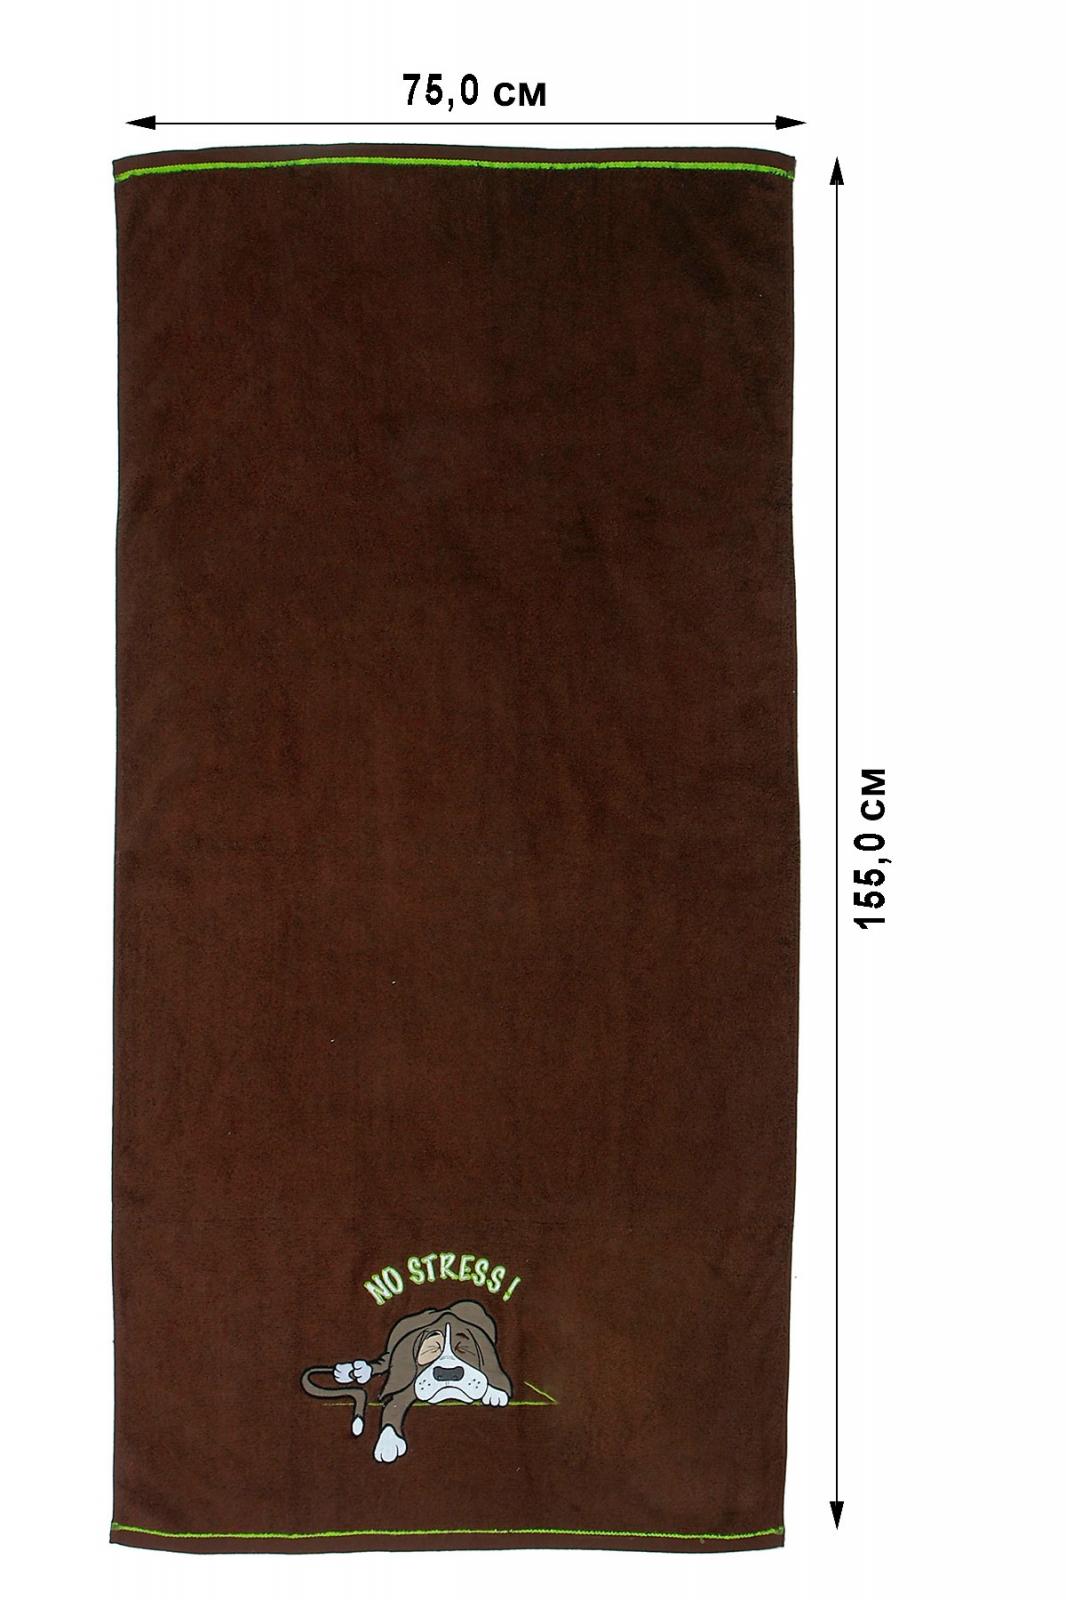 Махровое полотенце с вышитой собачкой - купить с доставкой